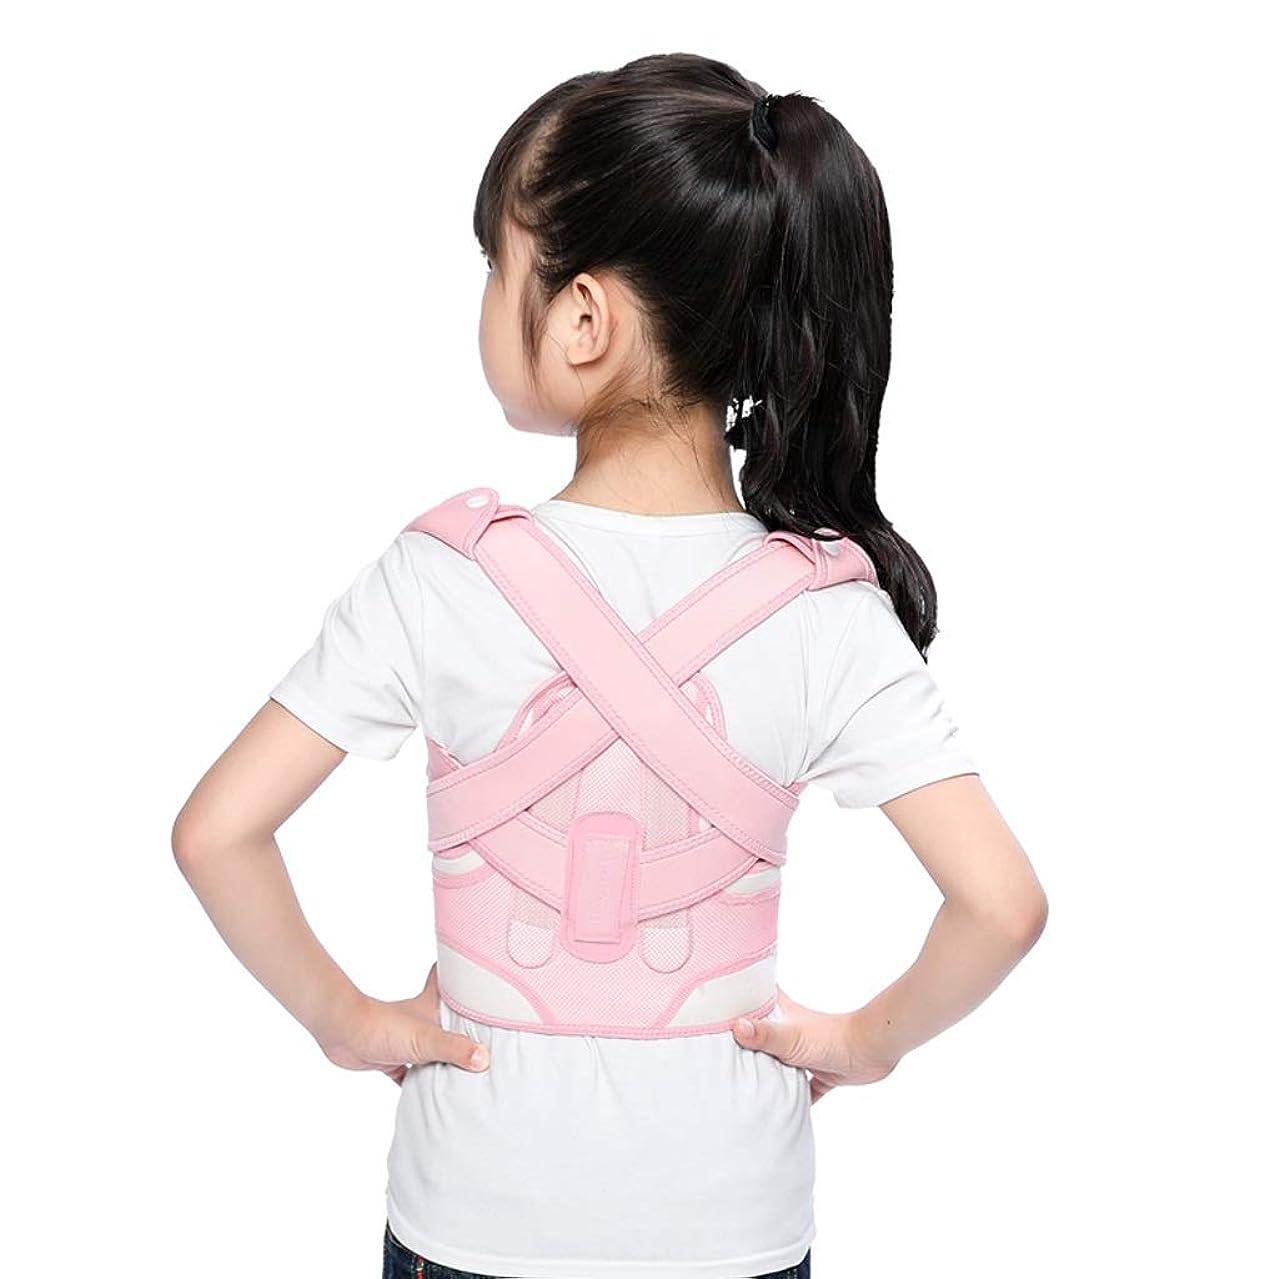 透明にドラゴンレザー股関節矯正ベルト - 幼児のハーフバックを伴う学生の反ハンパック矯正幼児の脊髄摩耗の治療 Mena Uk